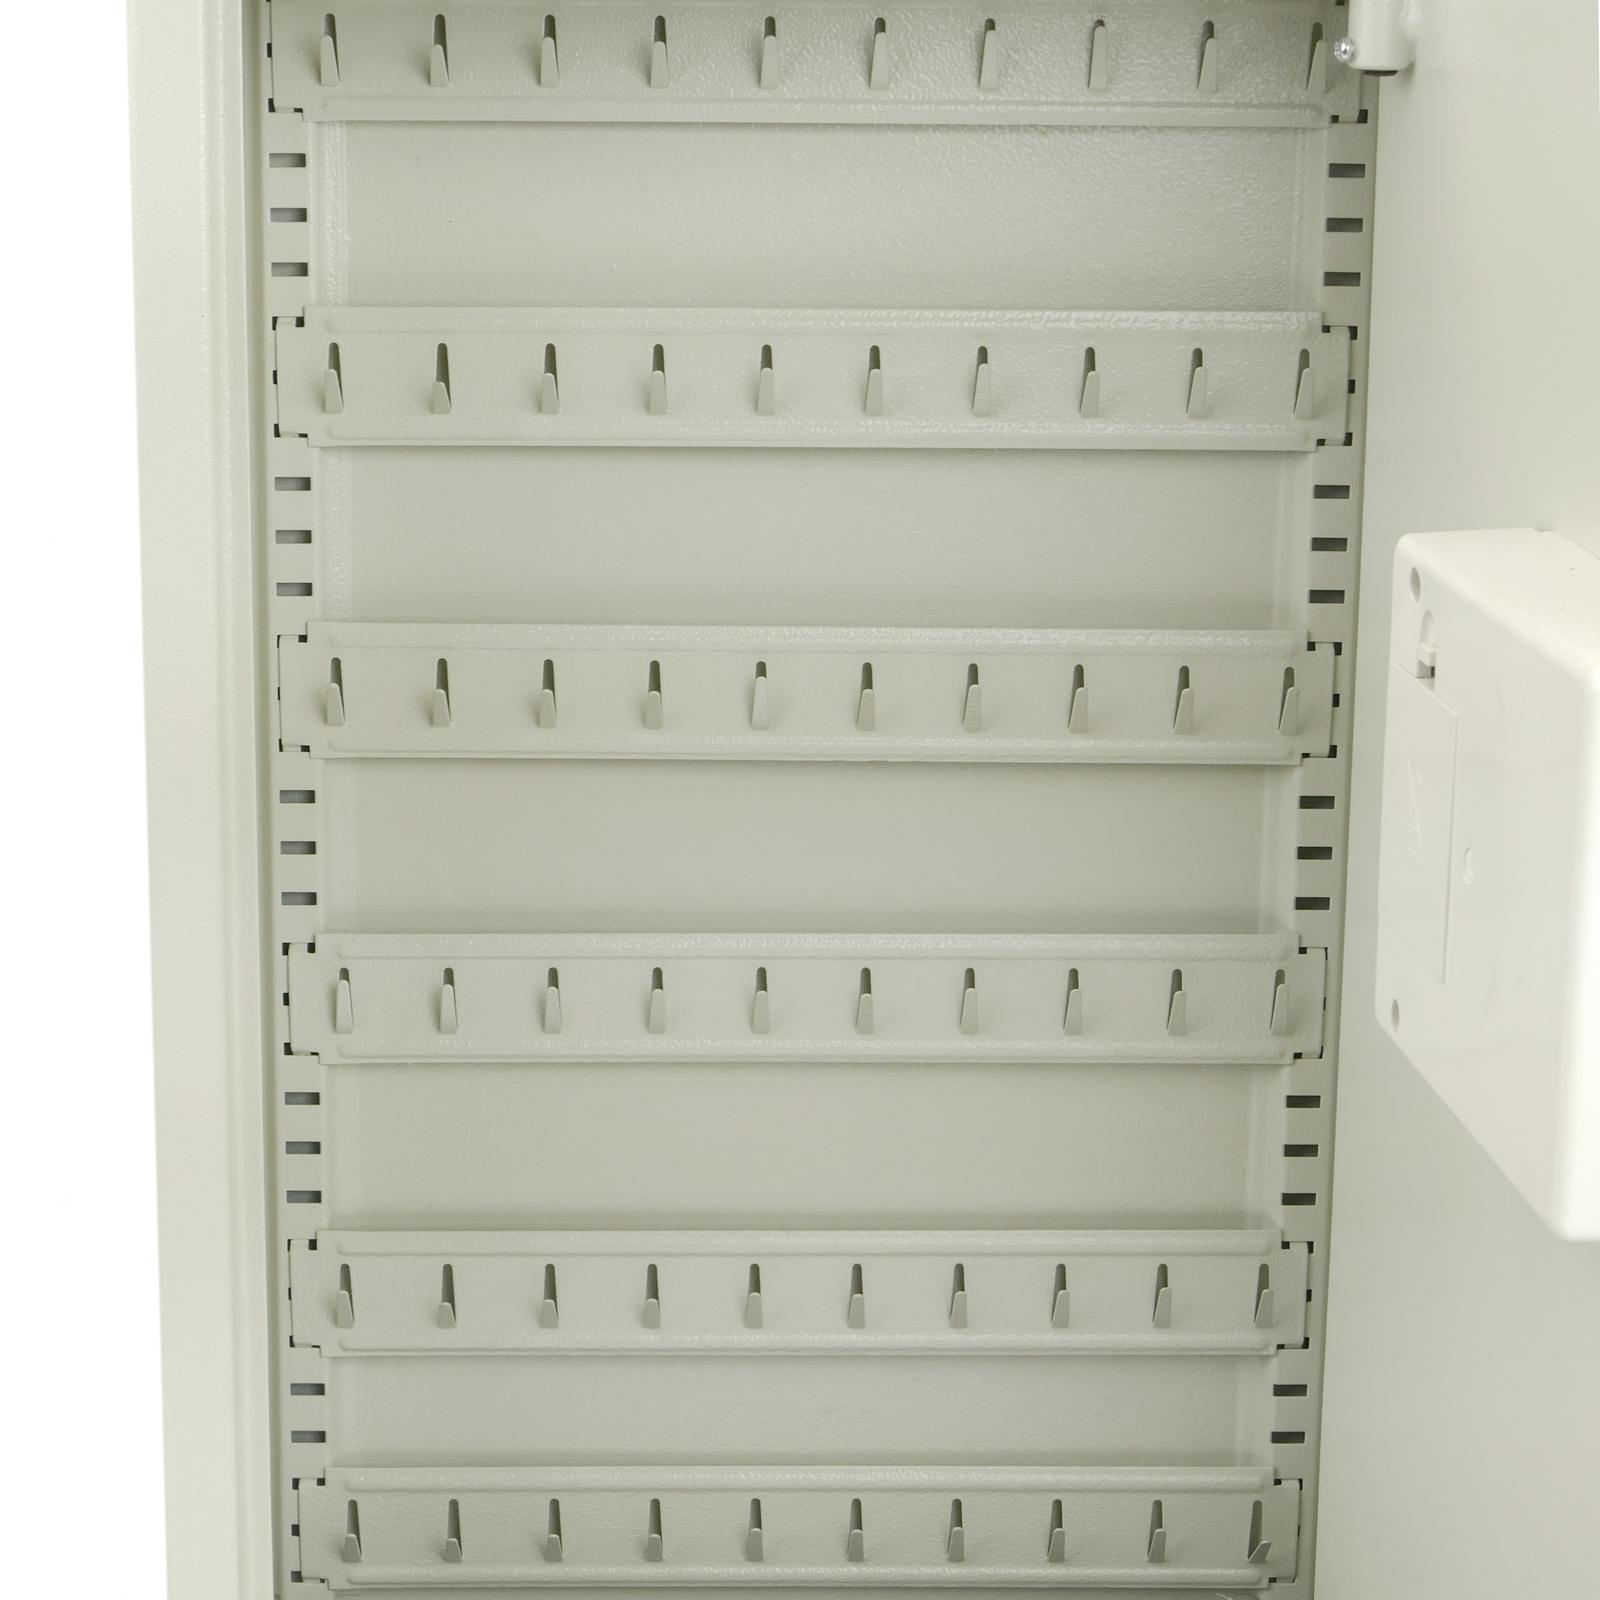 Caja Fuerte con c/ódigo electr/ónico 35x13x55cm Negro PrimeMatik Armario de Llaves con 60 Ganchos